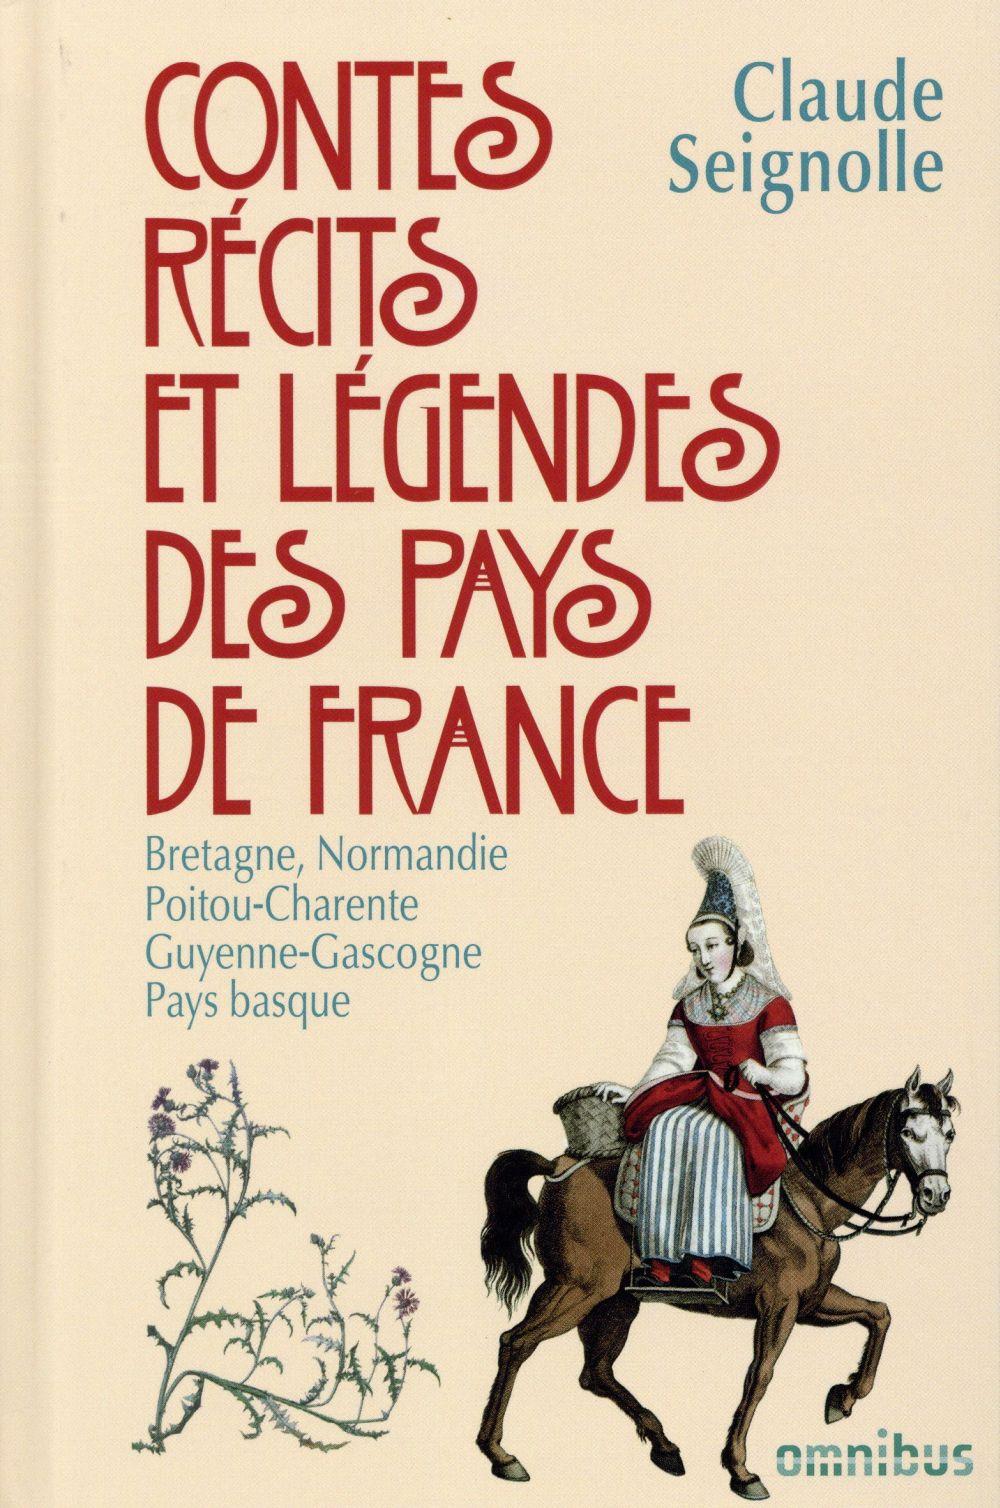 Contes, récits et légendes des pays de France t.1 ; Bretagne, Normandie, Poitou-Charente, Guyenne-Gascogne, Pays Basque